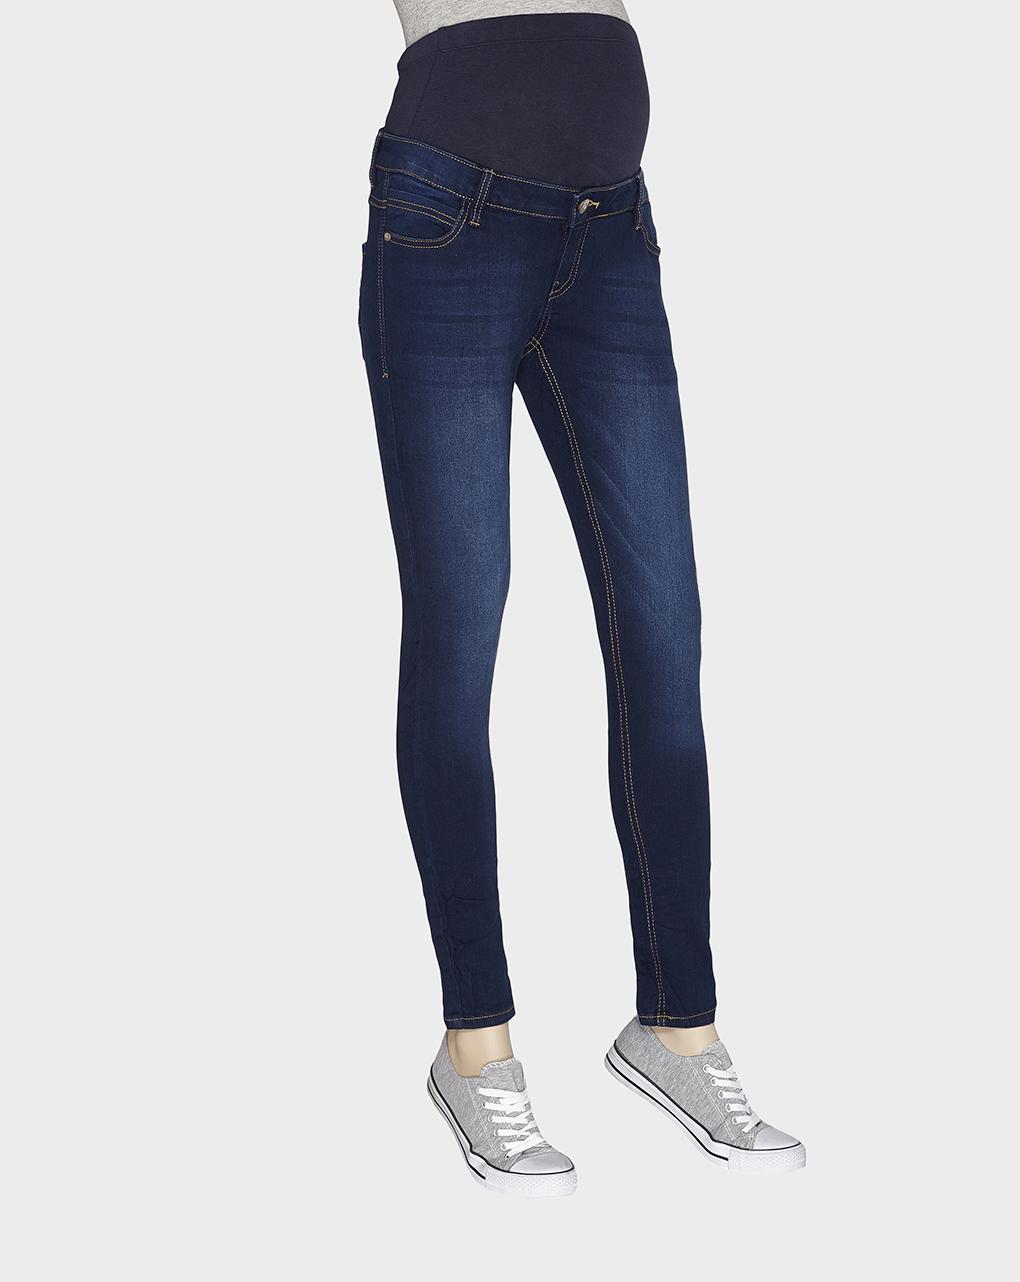 Γυναικείο Skinny Παντελόνι Denim Σκούρο